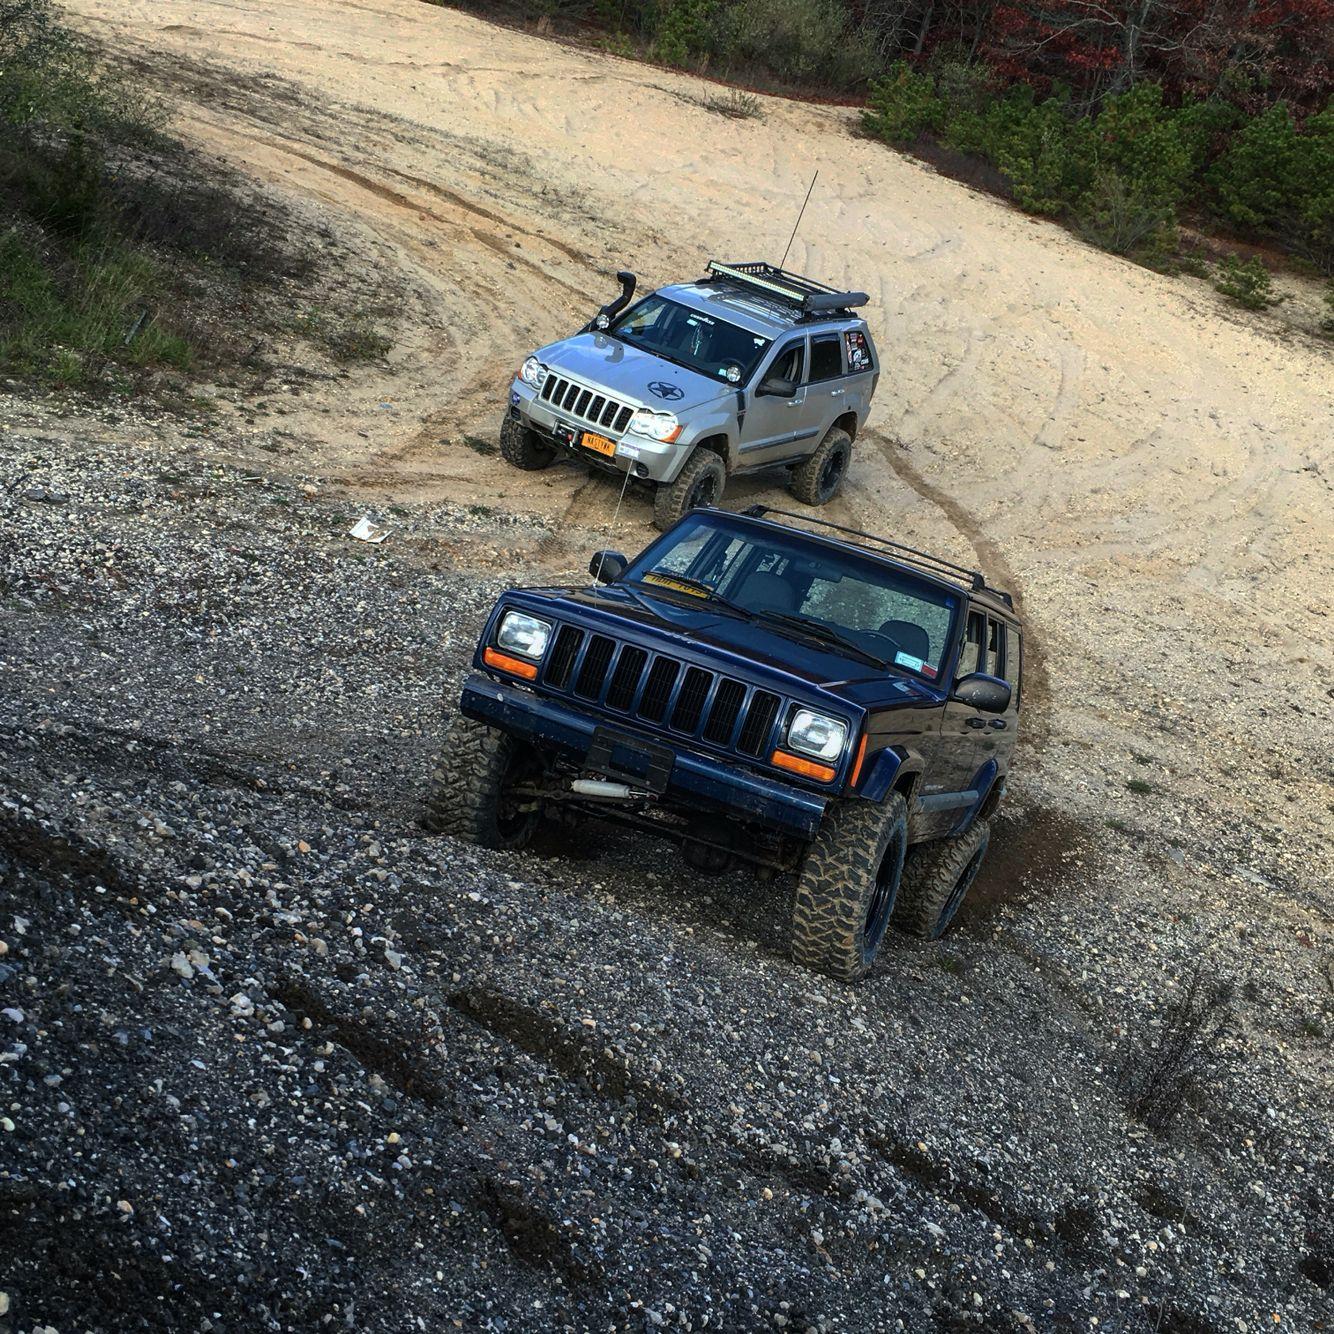 2000 Xj 3 Inch Lift On 31s Jeep Cherokee Jeep Xj Badass Jeep